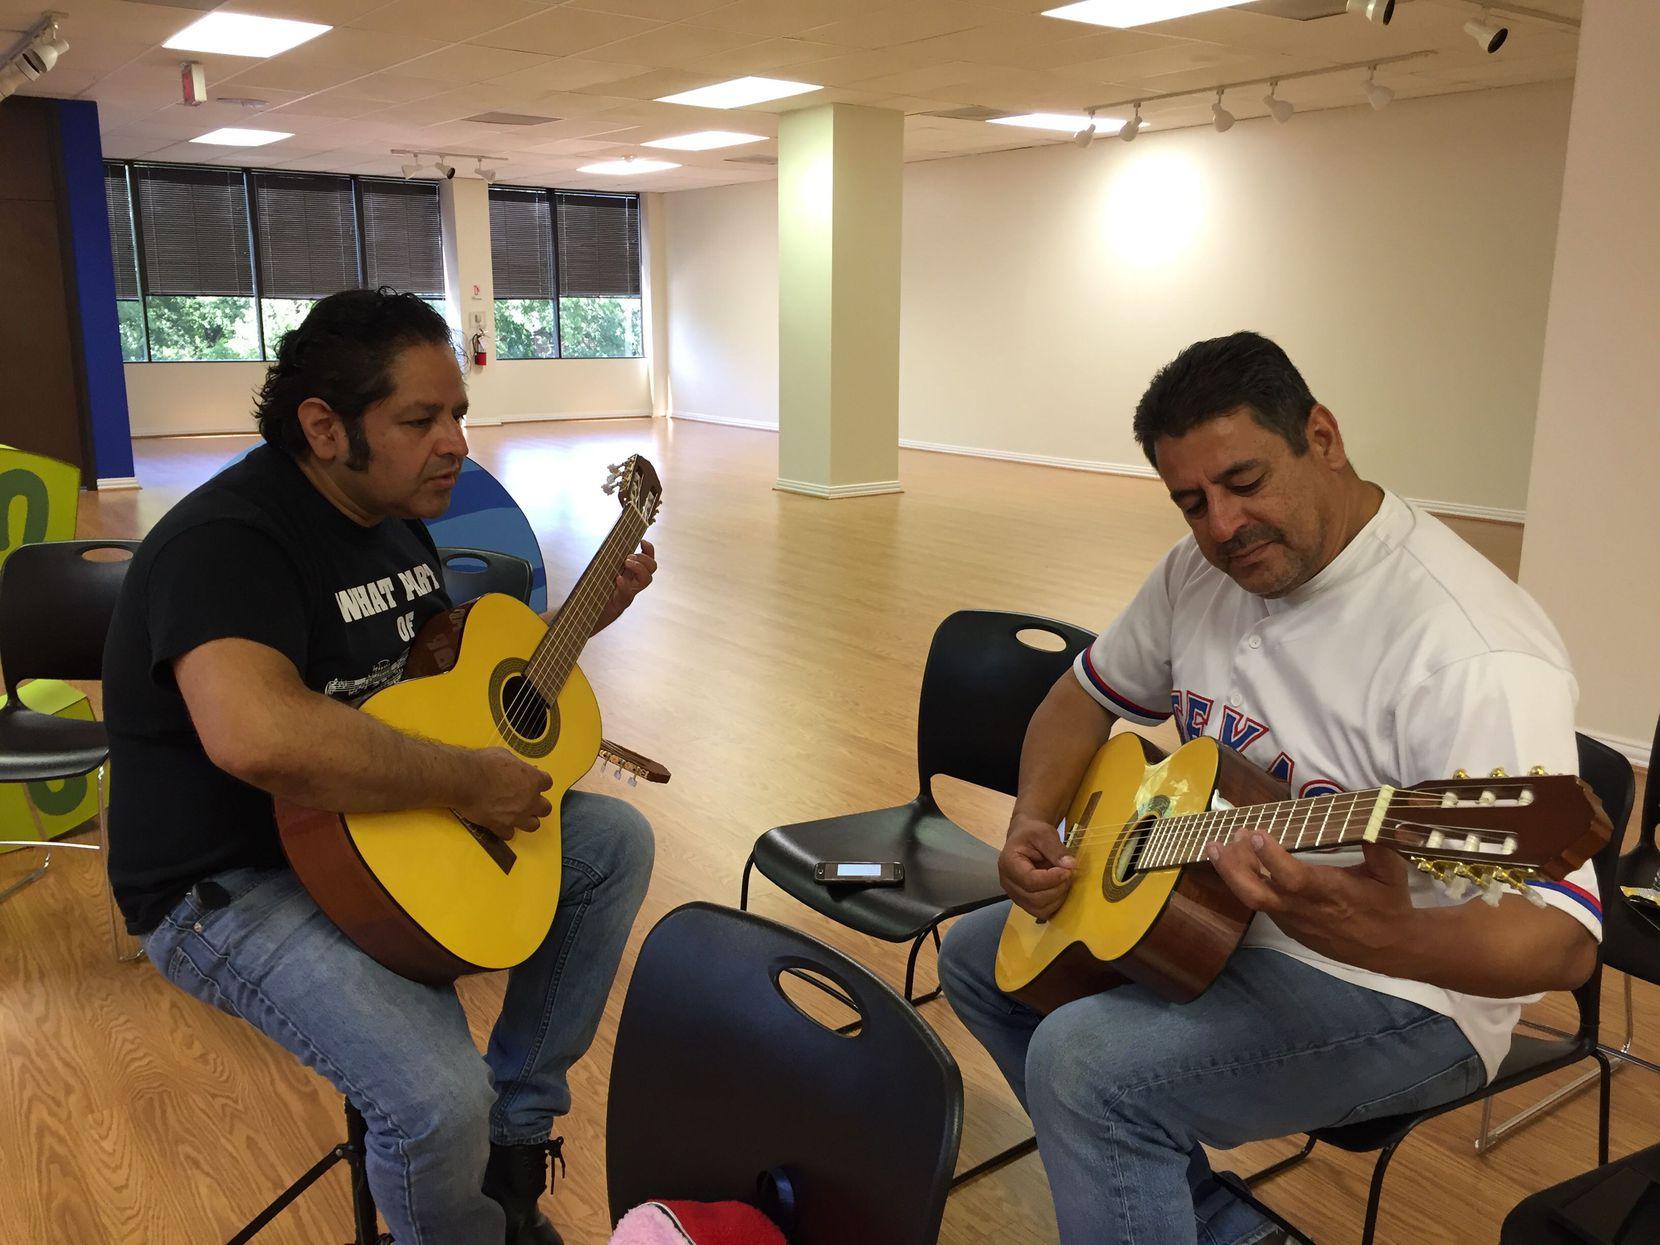 Raul Saldaña,(derecha) le pregunta a su instructor Antonio Salas (izquierda) como sujetar el instrumento el sábado 8 de junio en el consulado mexicano.(AL DÍA/CARMINA TISCAREÑO)